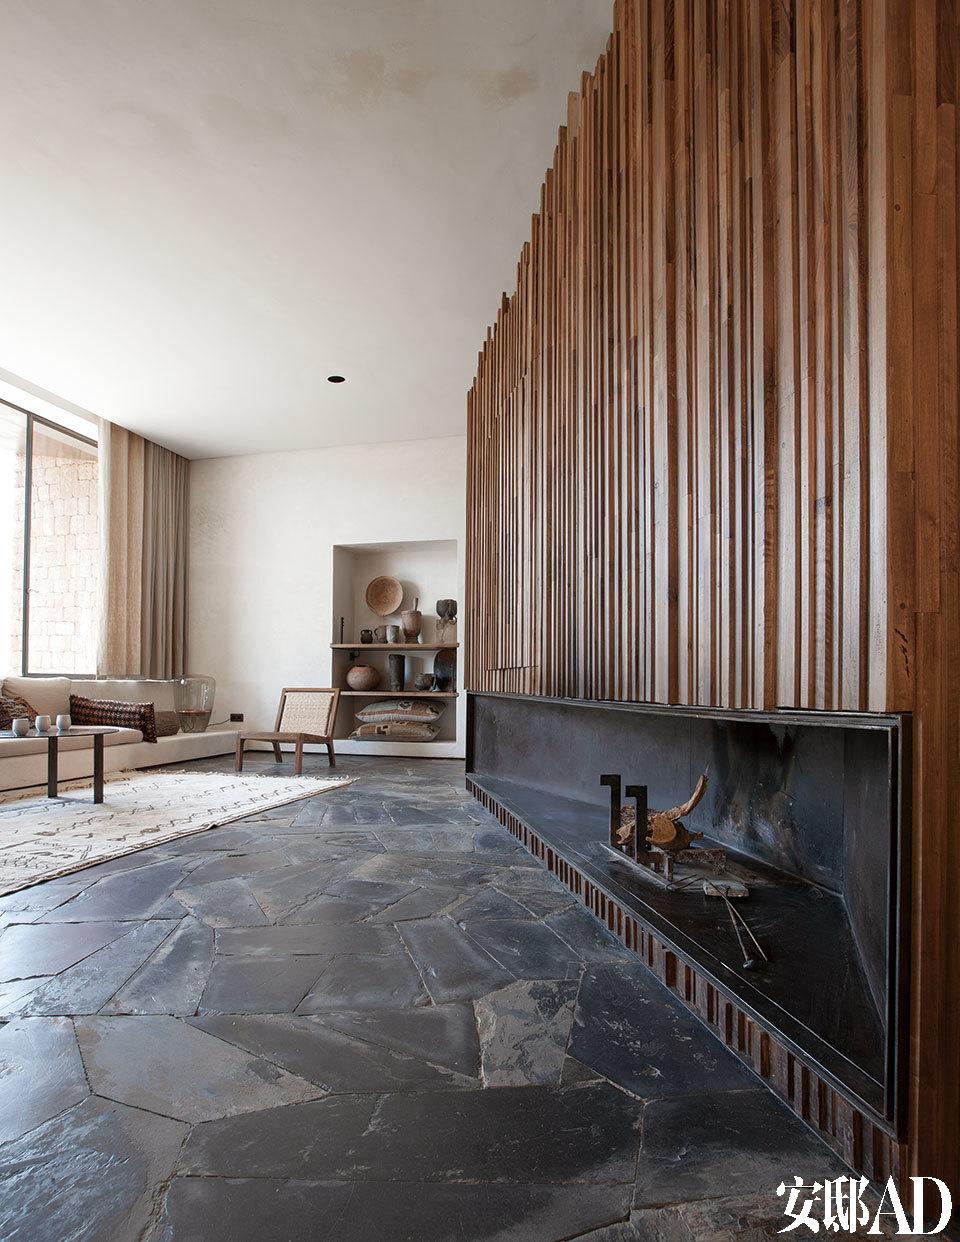 客厅中,壁炉周边镶嵌着满满的木条格栅,巧妙隐藏了电视机和一间木柴储存室。一间客厅中,长长的壁炉周围装饰着参差的木格栅,把电视机和木柴储藏室都隐藏了起来。胡桃木休闲椅由Ko设计,灵感来源于著名设计师Charlotte Perriand的作品,表面应用了当地植物埃及姜果棕(Doum)晒干后的编织面料。后面的壁龛里摆放着一系列北非柏柏尔风格的陶器和木制坛子,他们是 Karl Fournier从马拉喀什的跳蚤市场中淘来的。